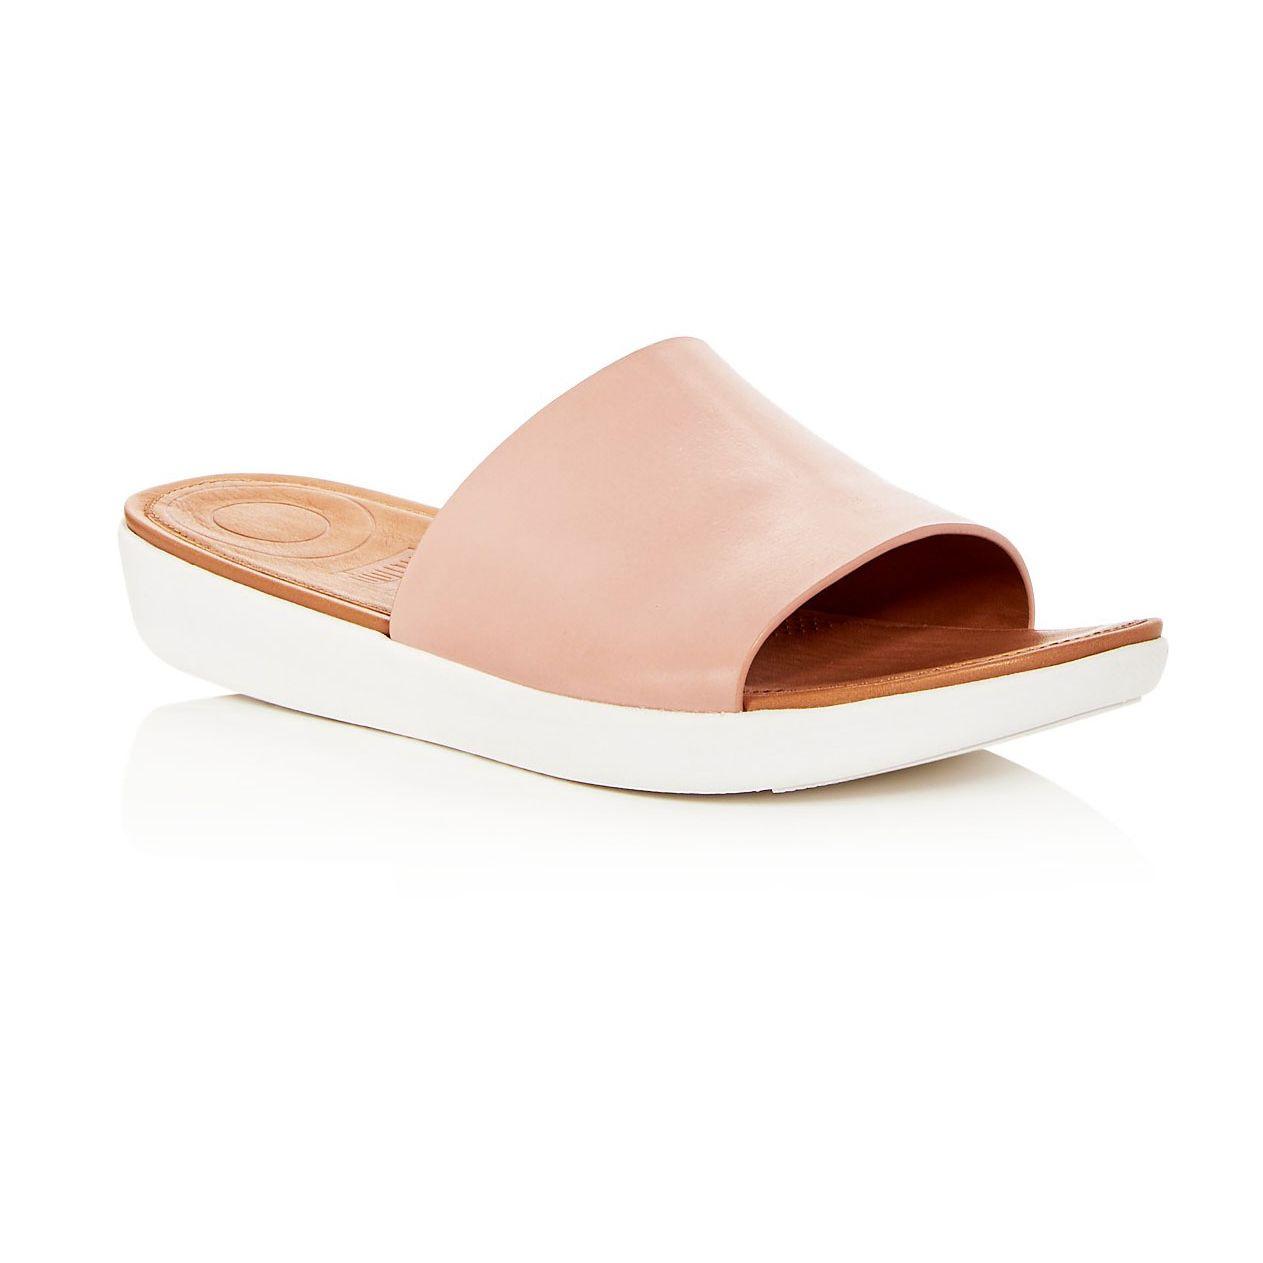 FitFlop Sola Leather Platform Slide Sandals